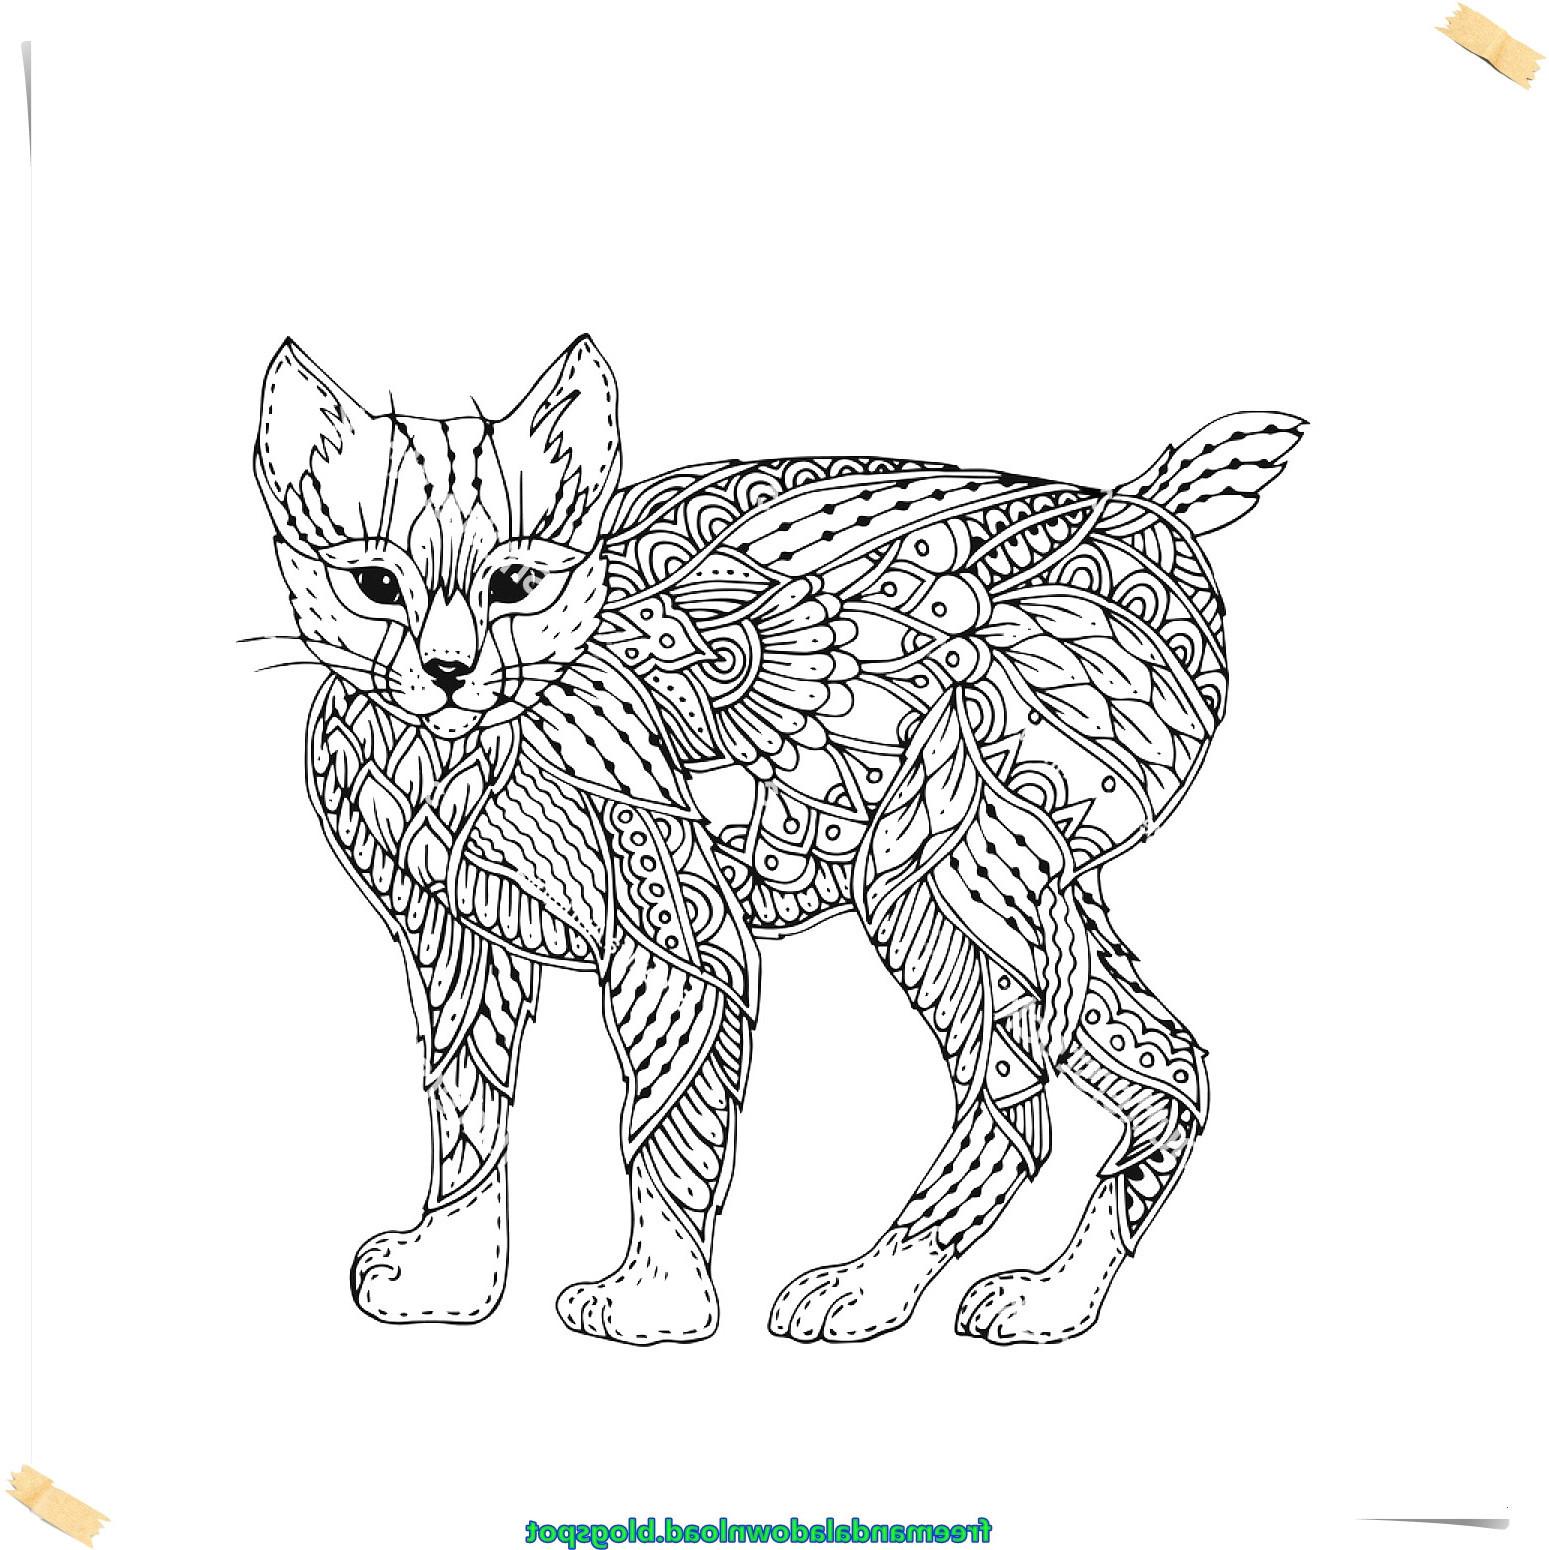 Ausmalbilder Katzen Und Hunde Einzigartig 27 Neu Katzen Ausmalbilder – Malvorlagen Ideen Galerie